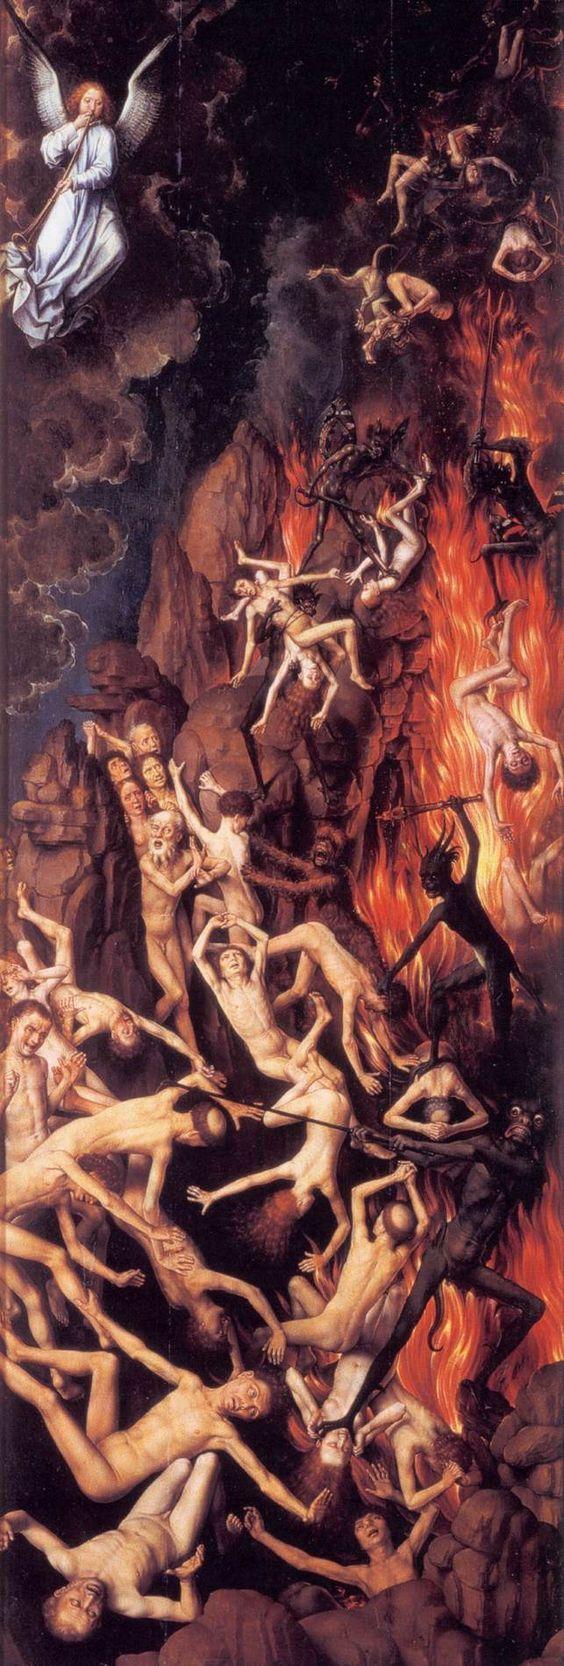 El juicio final y la condena al infierno 1c259c666d5be793cfdcf721ac9bcda2